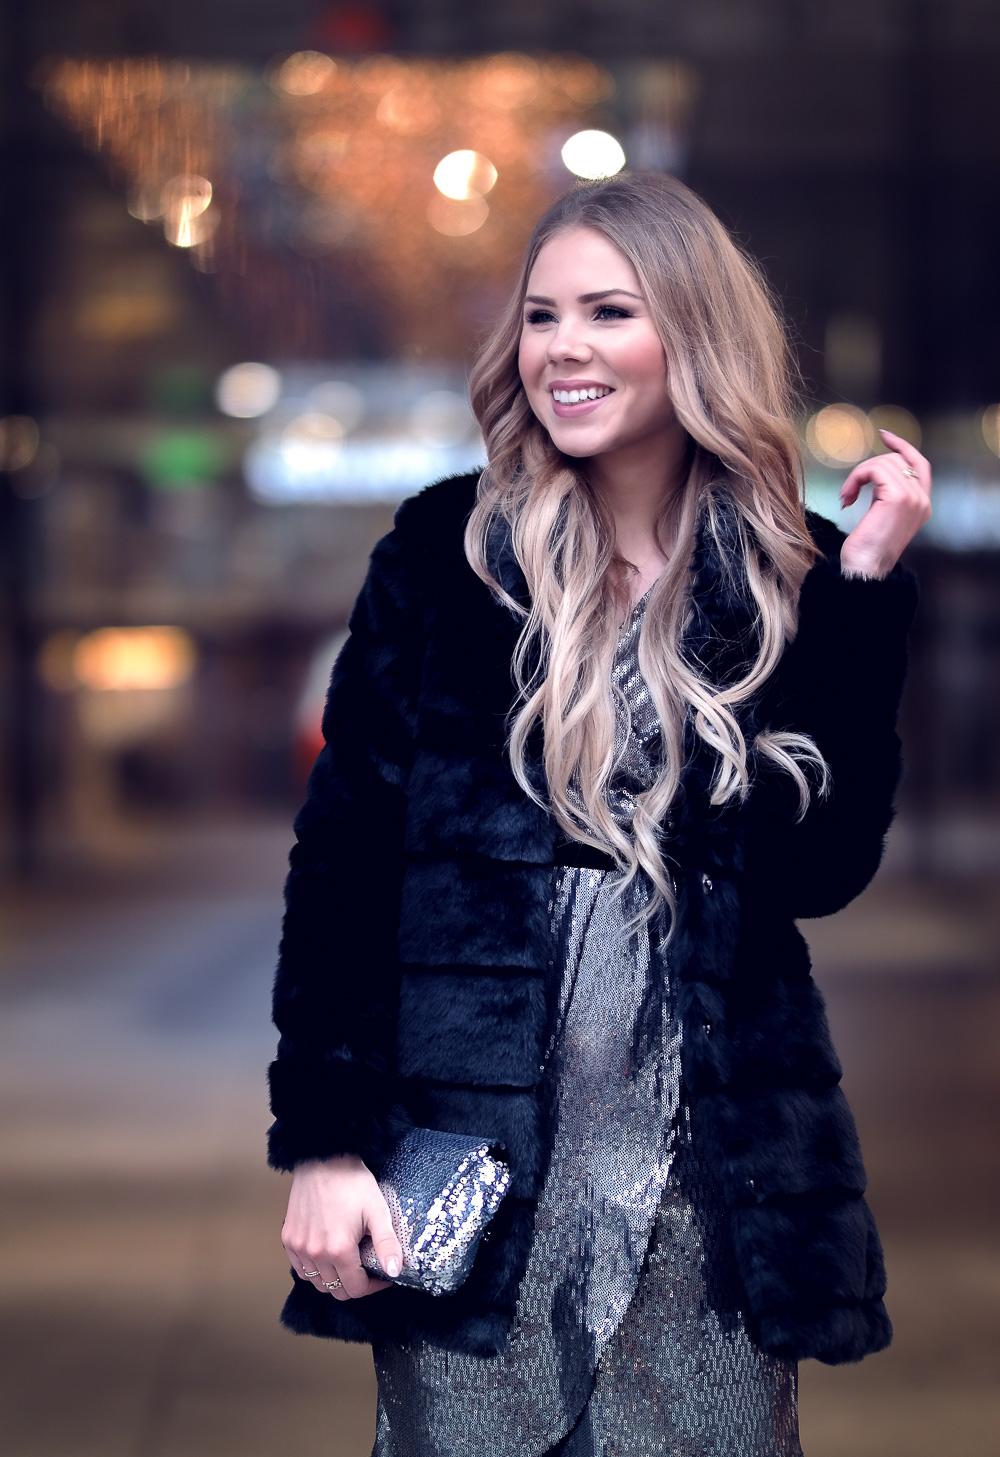 Modeblog-Glitzer Partykleid Orsay-Pailletten Tasche-Fake Fur Mantel-Party Styling